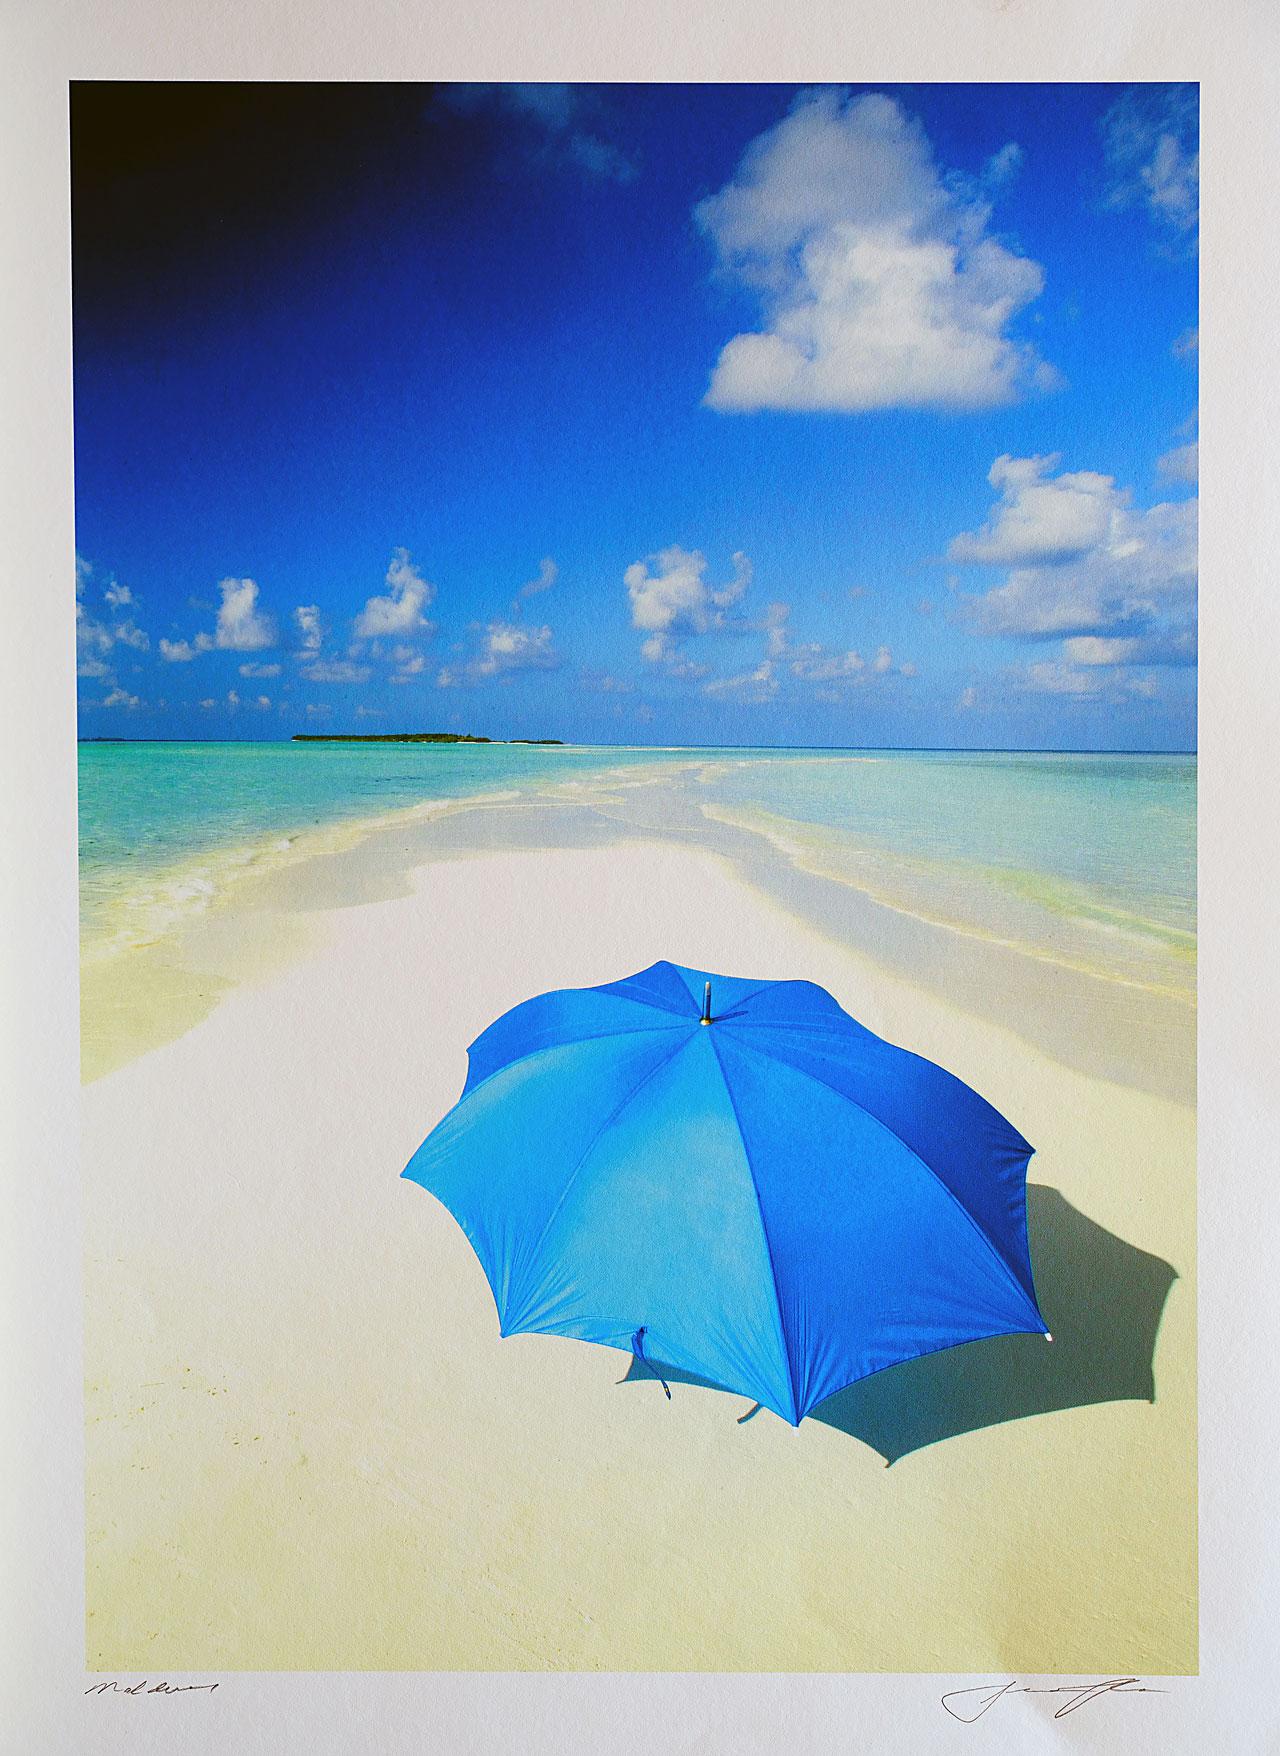 print-Maldives-umbrella